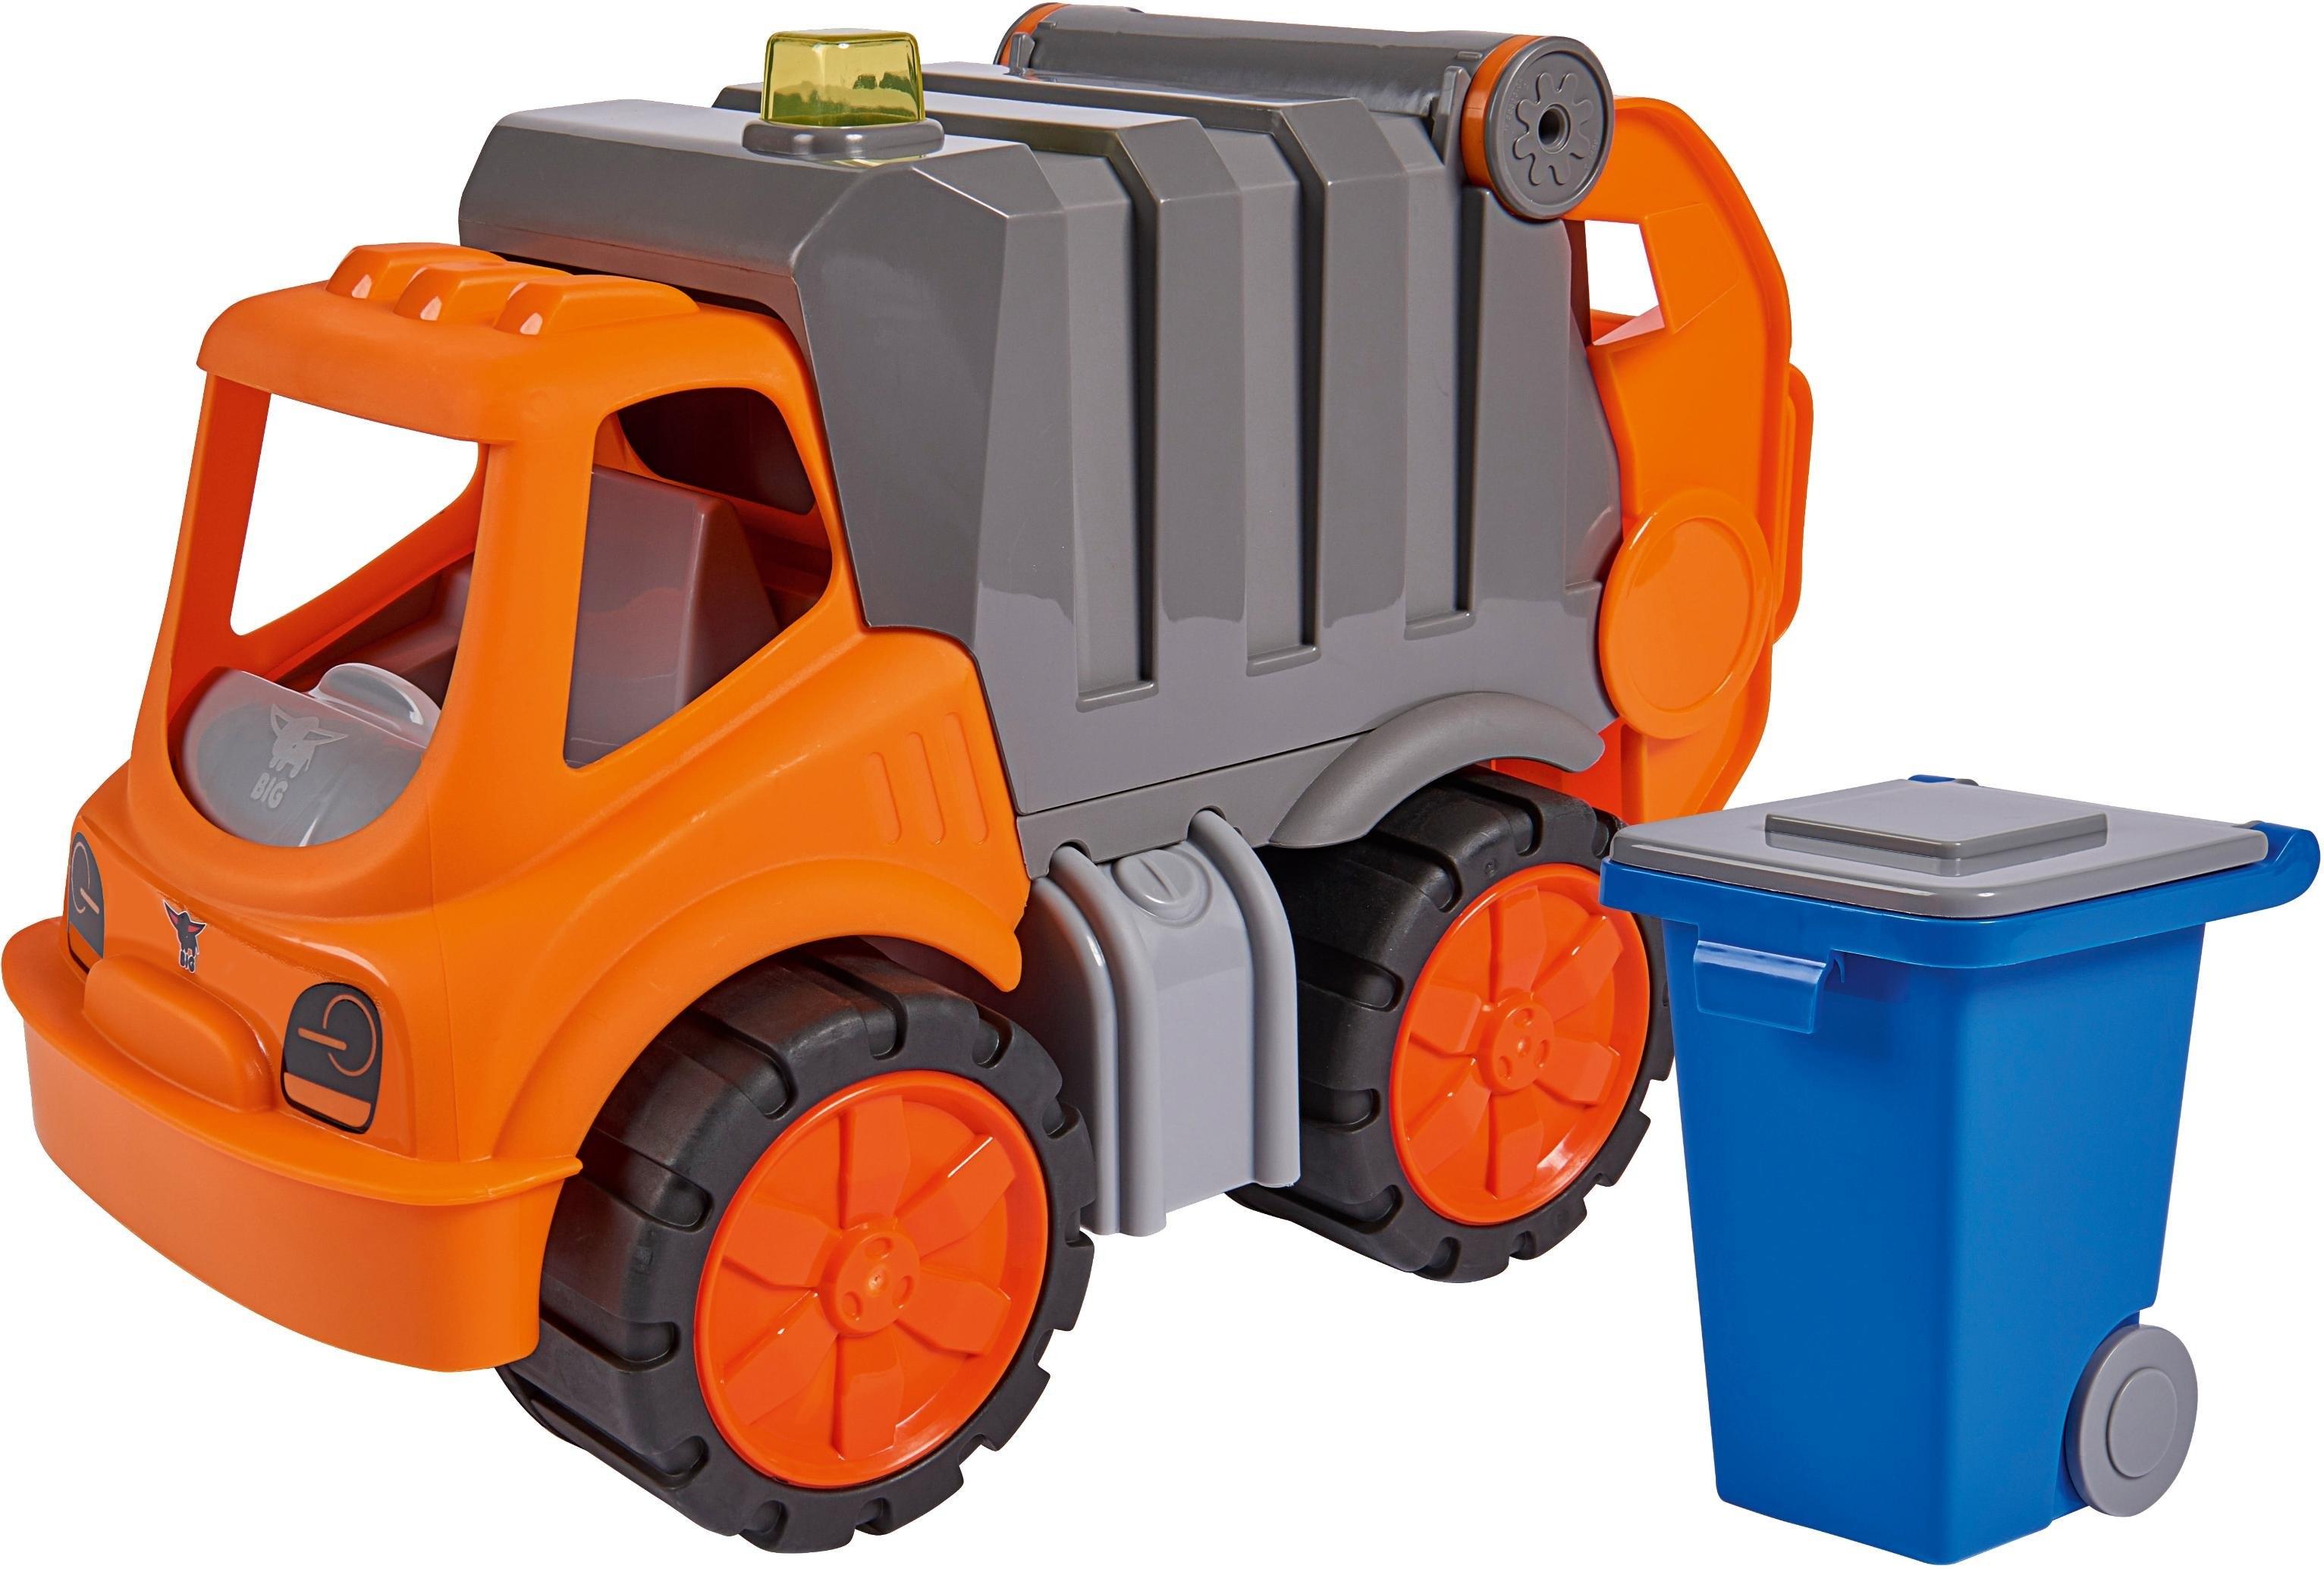 BIG speelgoed-vuilniswagen BIG Power Worker vuilniswagen bij OTTO online kopen